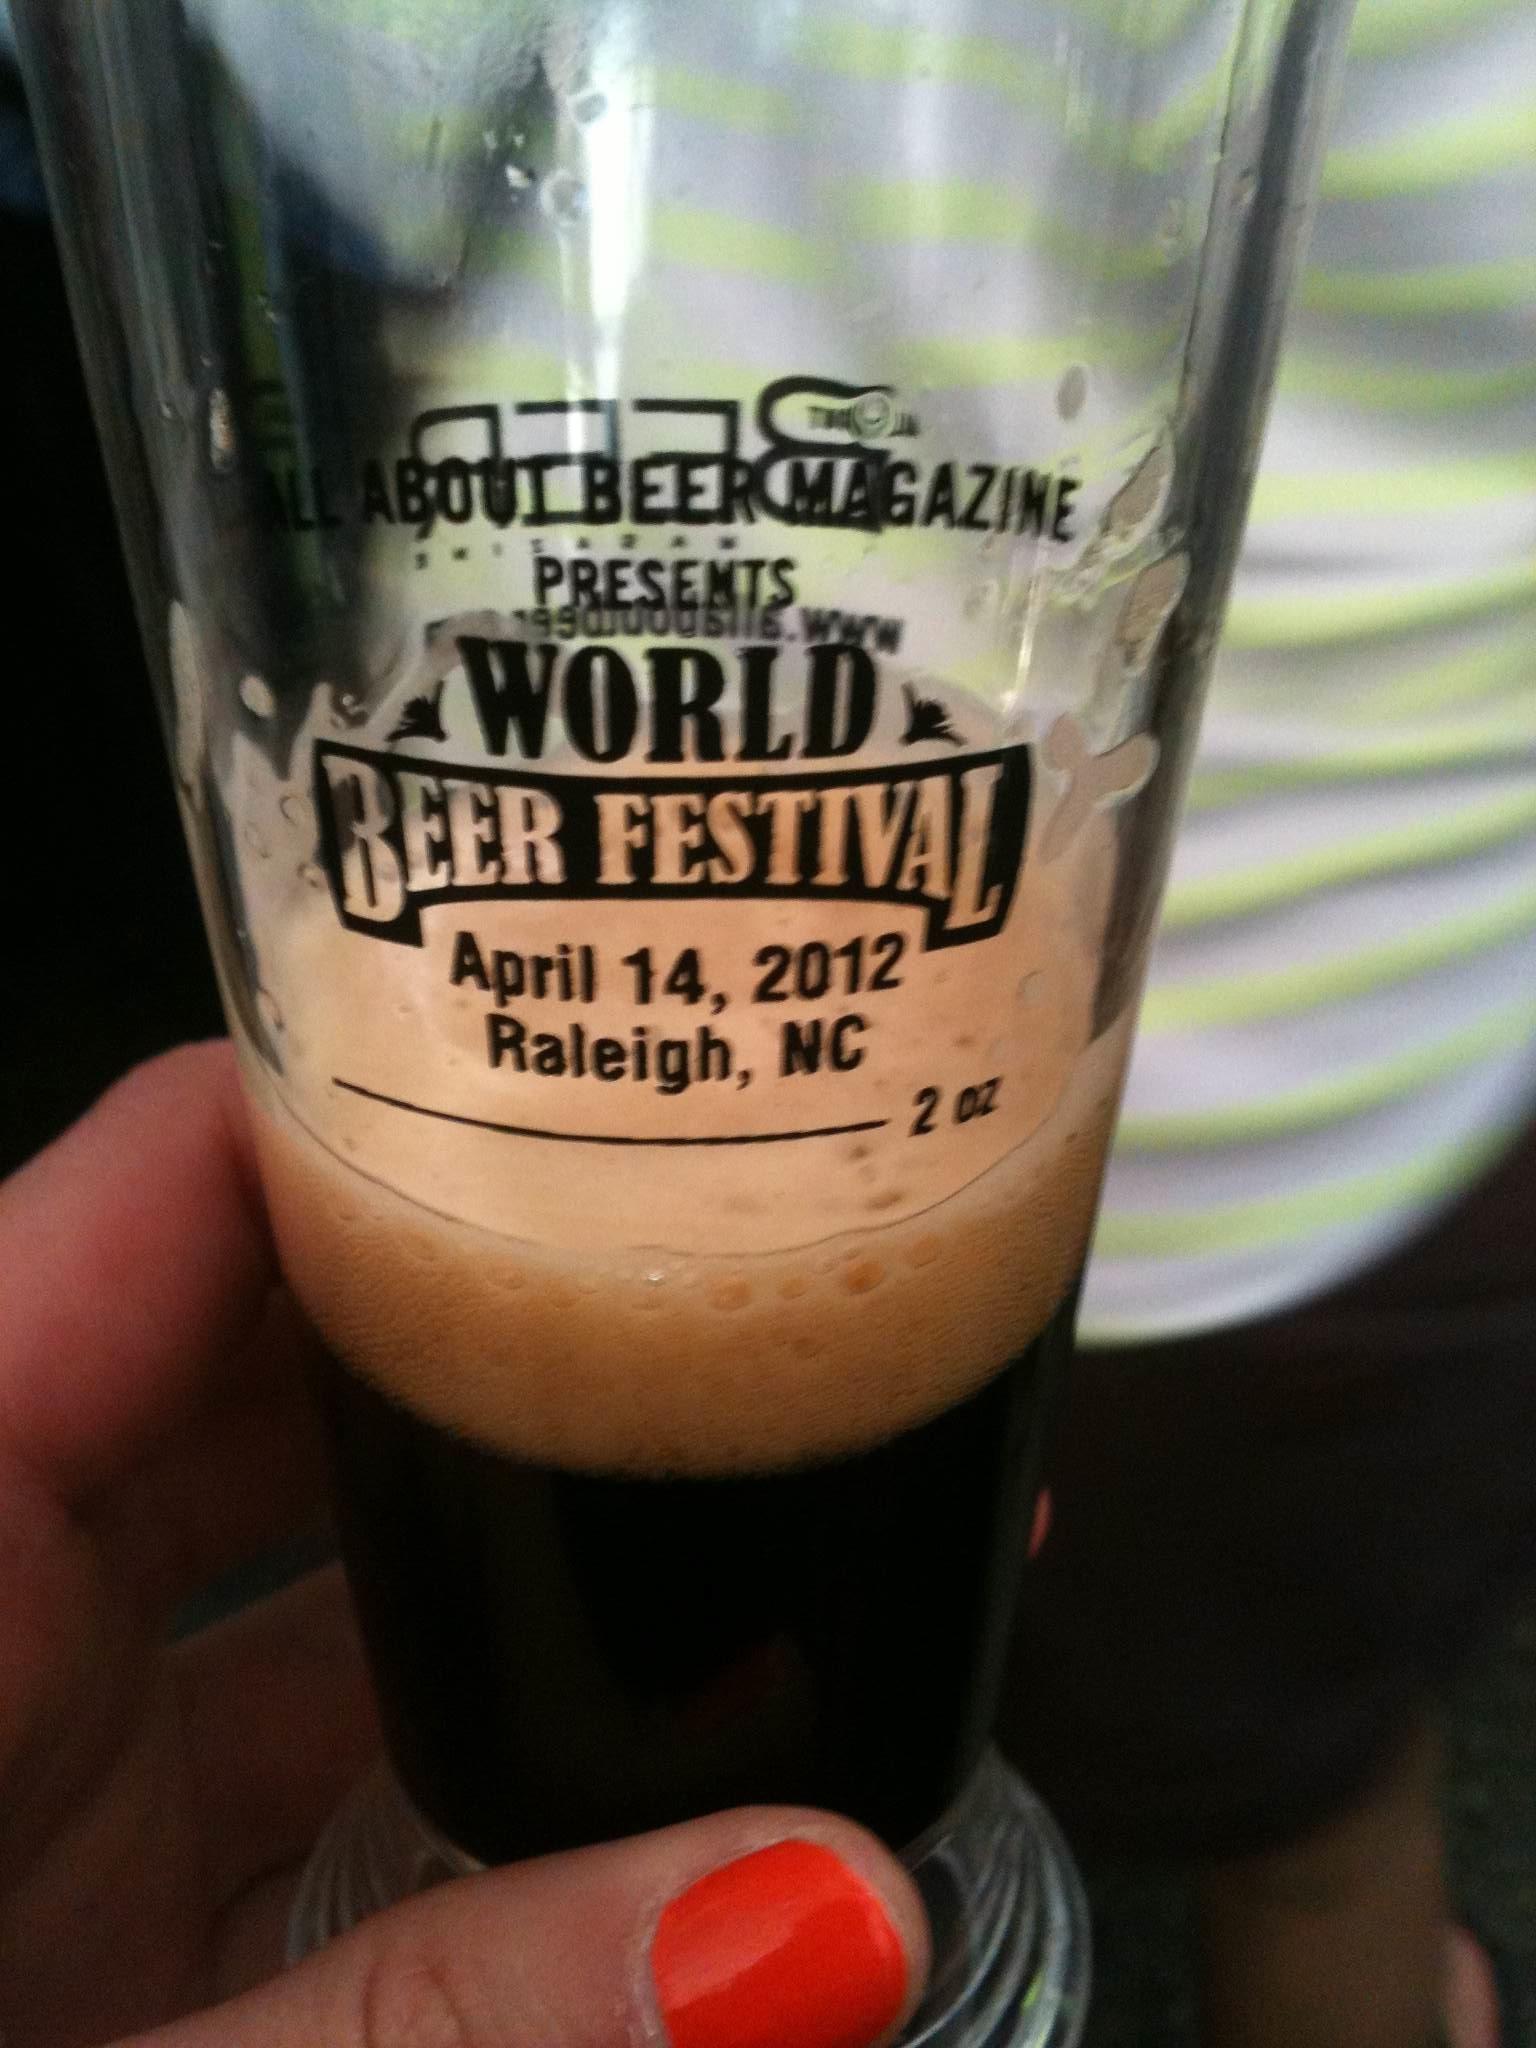 World Beer Fest